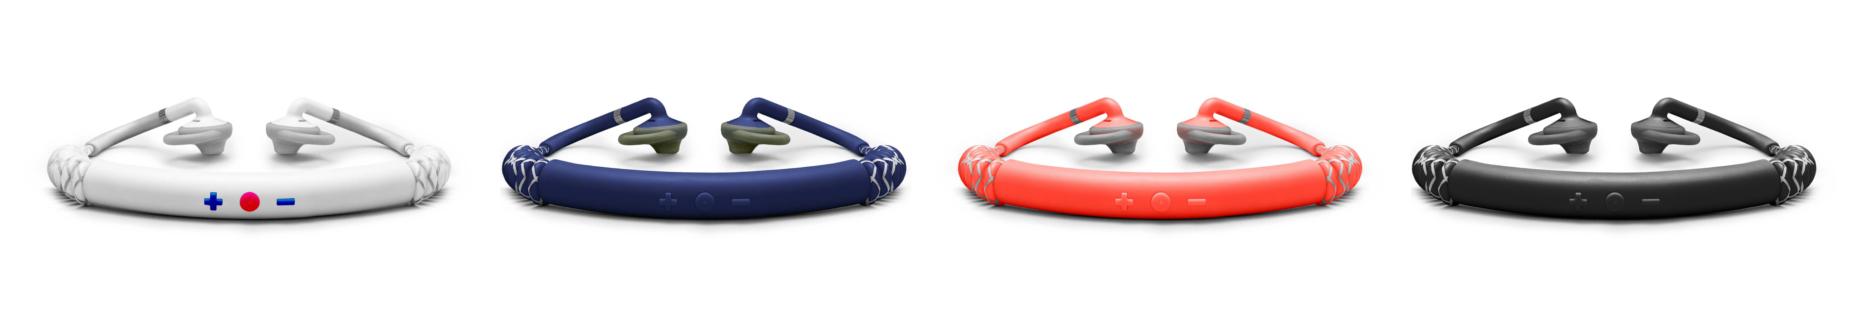 Urbanears Stadion bluetooth Sport Kopfhörer in 4 verschiedenen Farben